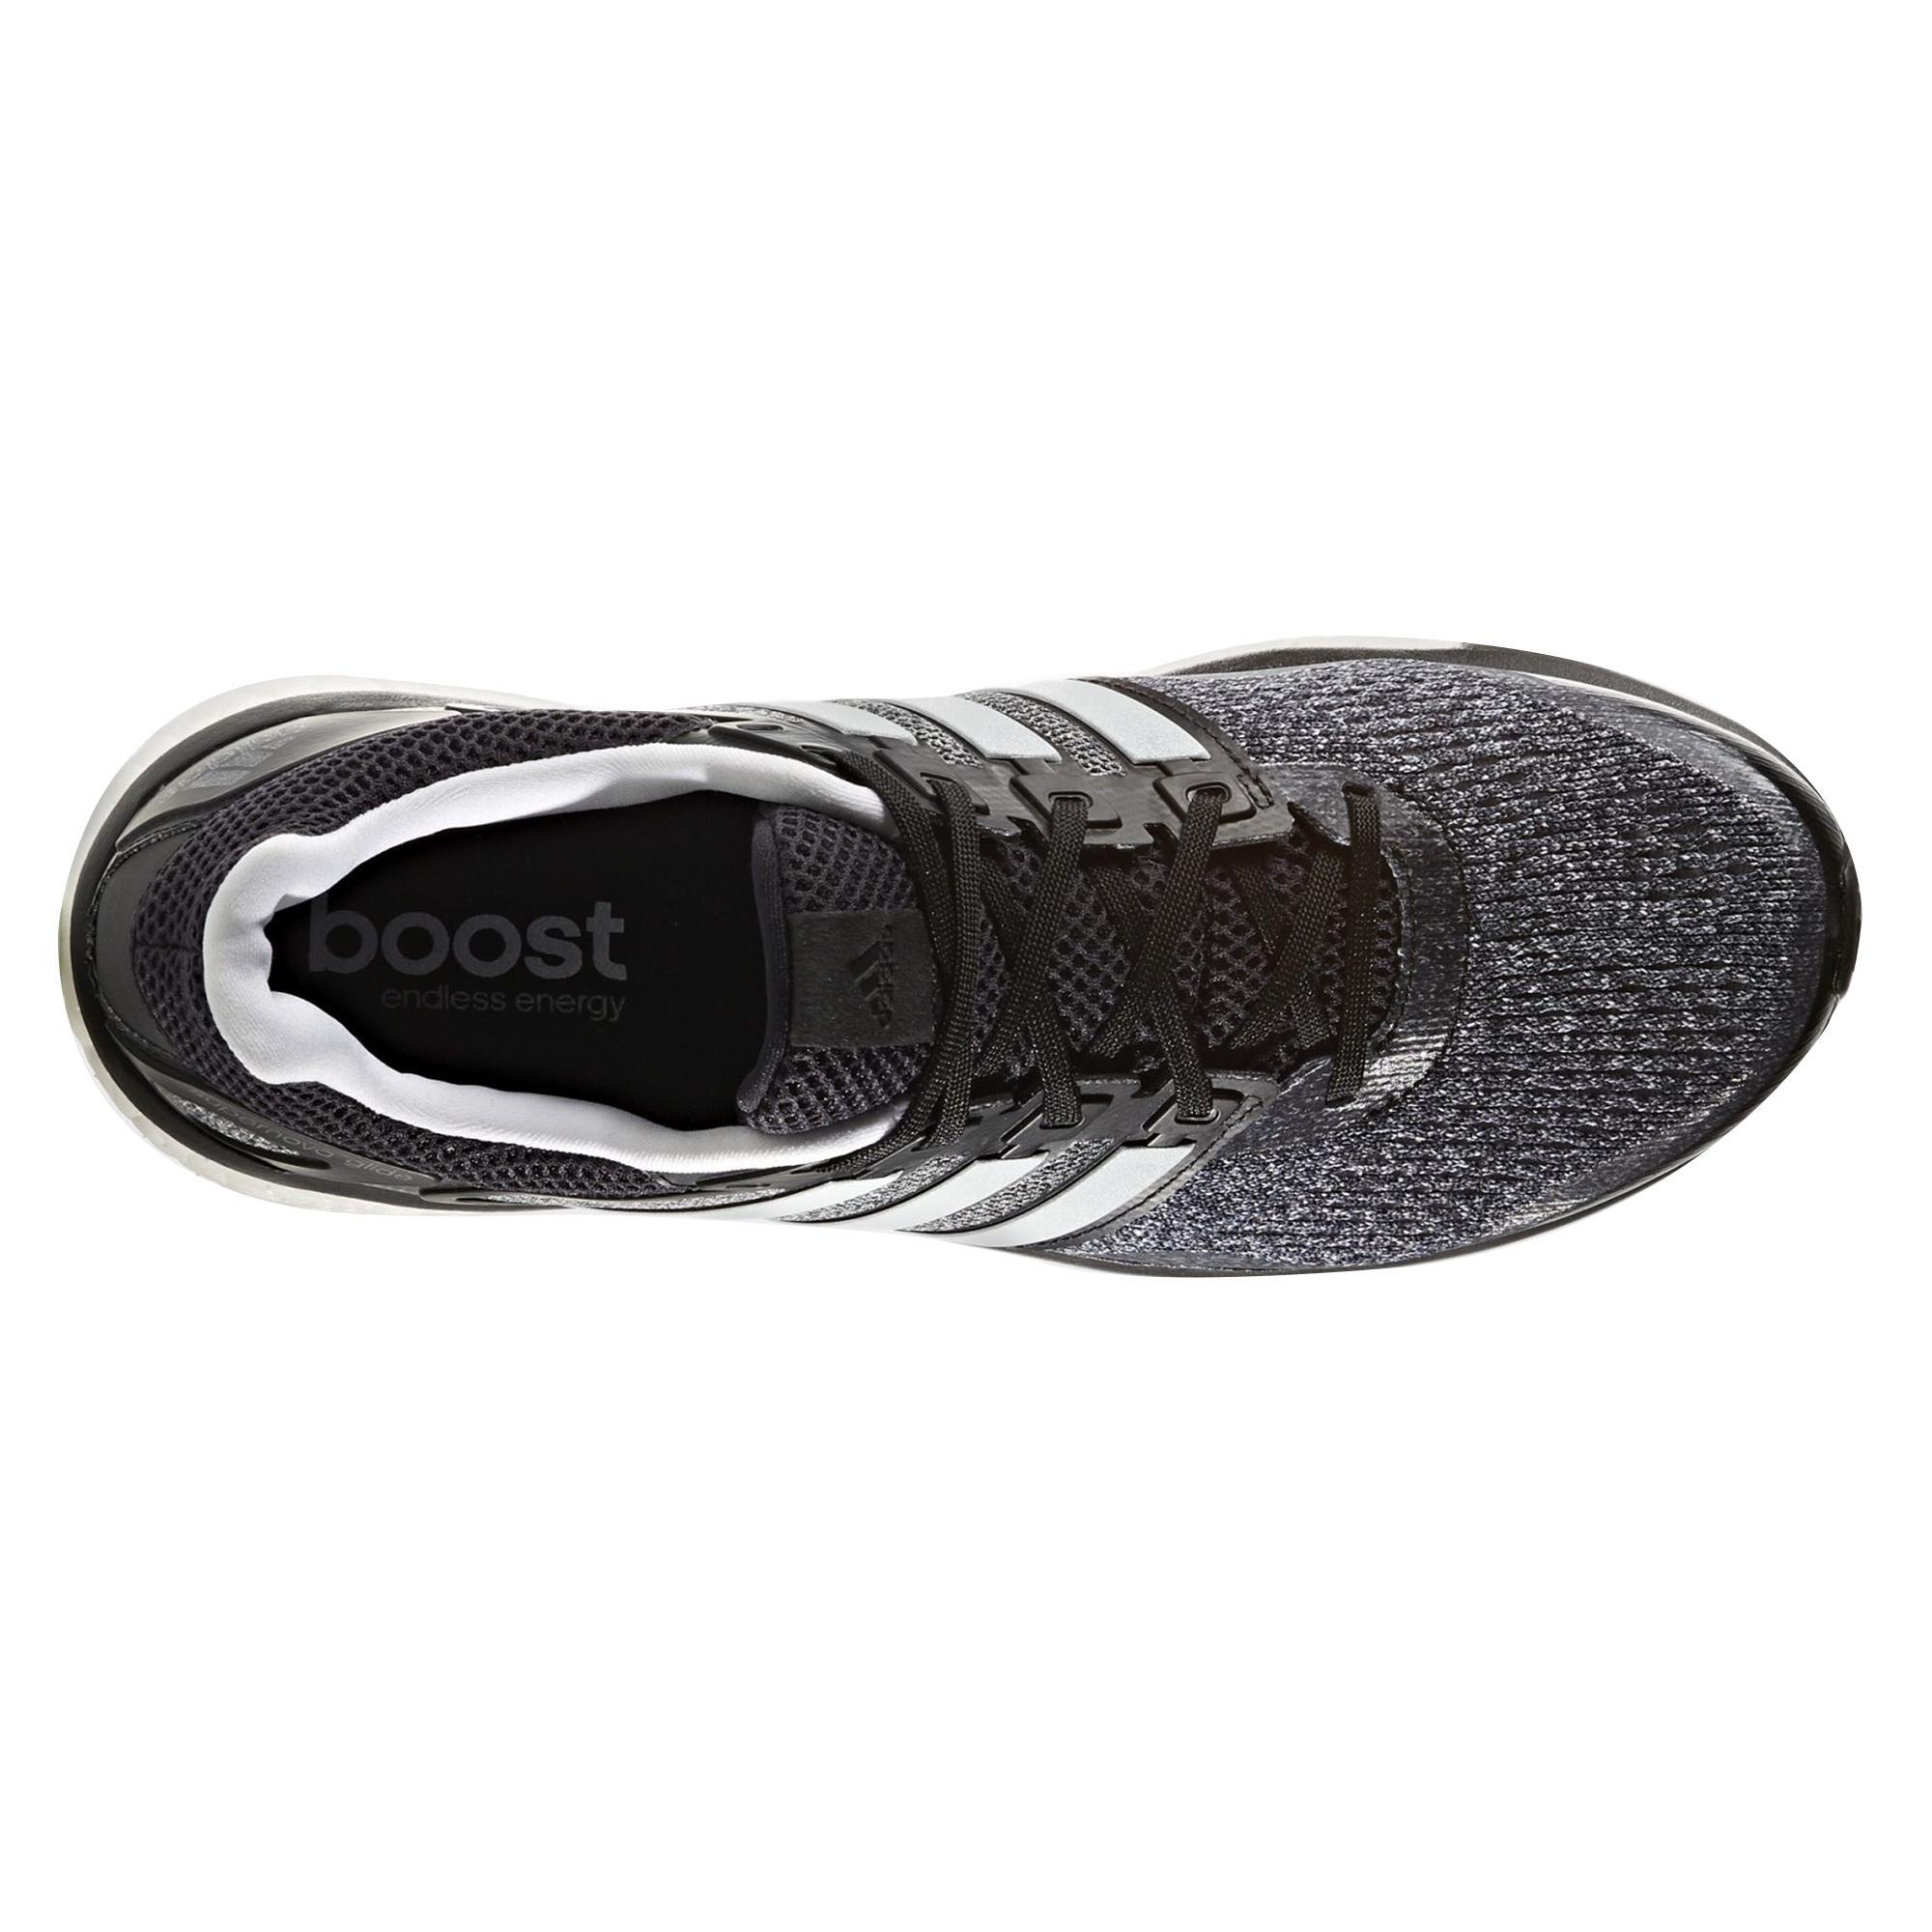 a5c6d4642 adidas erkek supernova glide ayakkabi